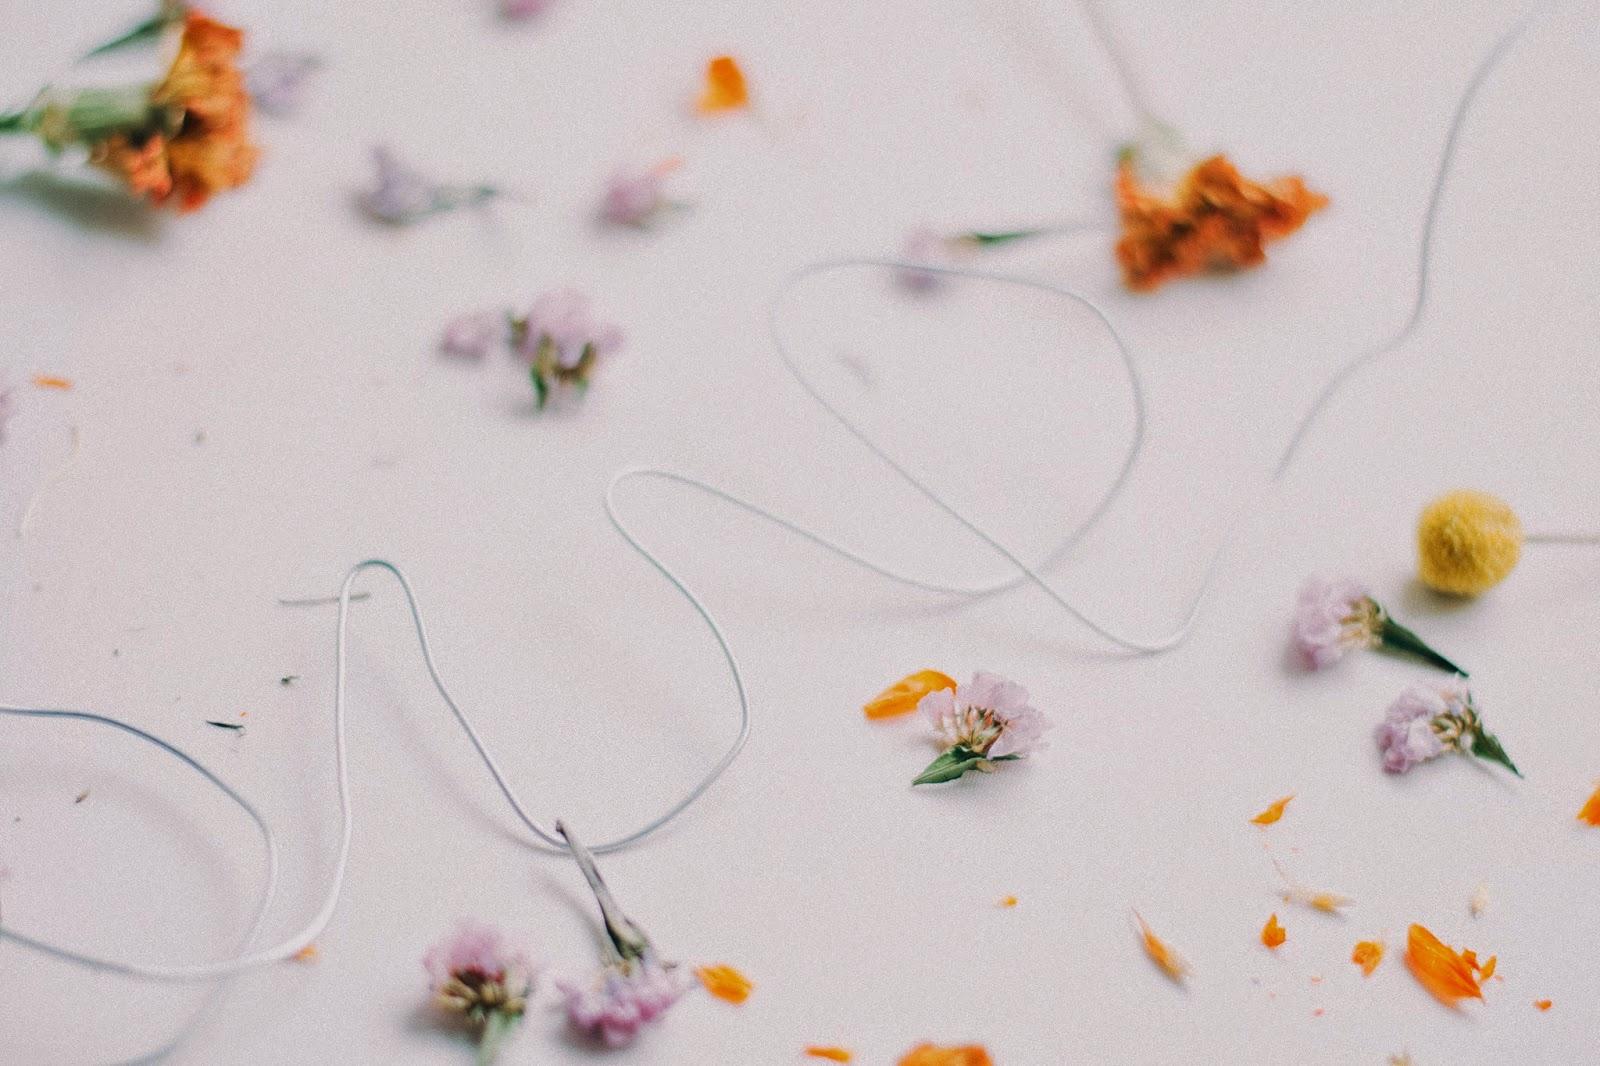 Letras de alambre DIY fácil